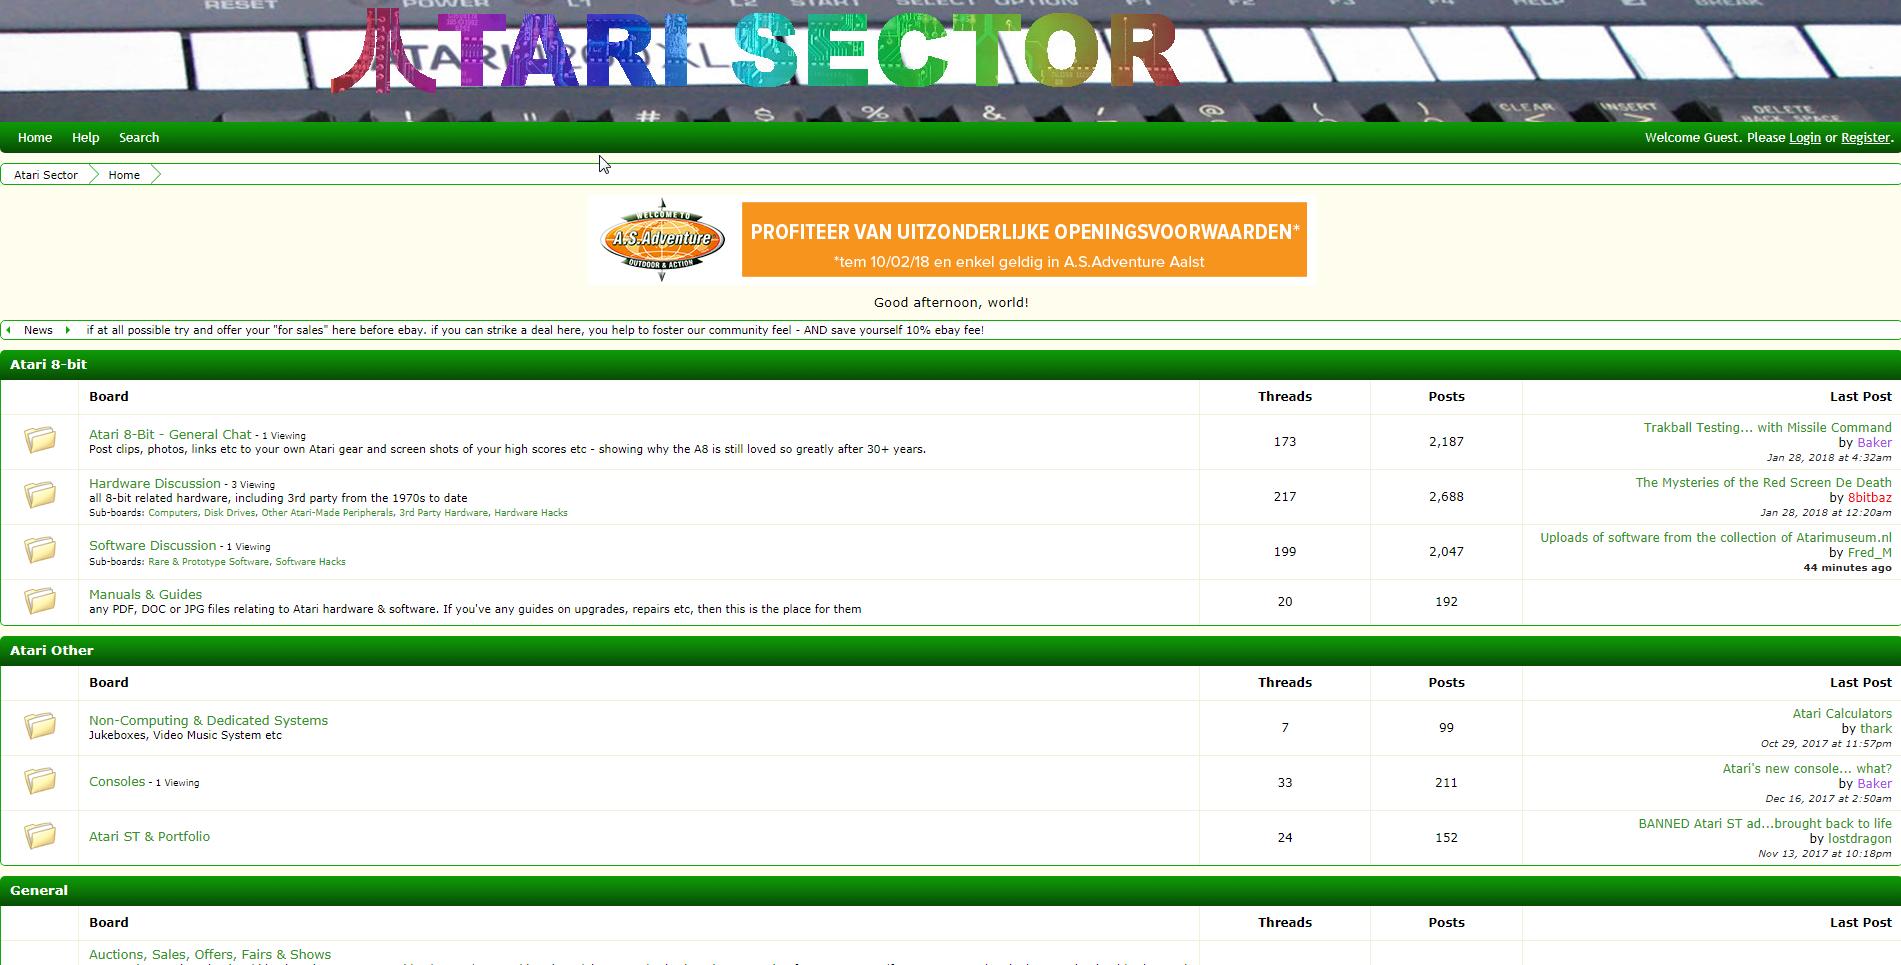 Screenshot of website Atari Sector